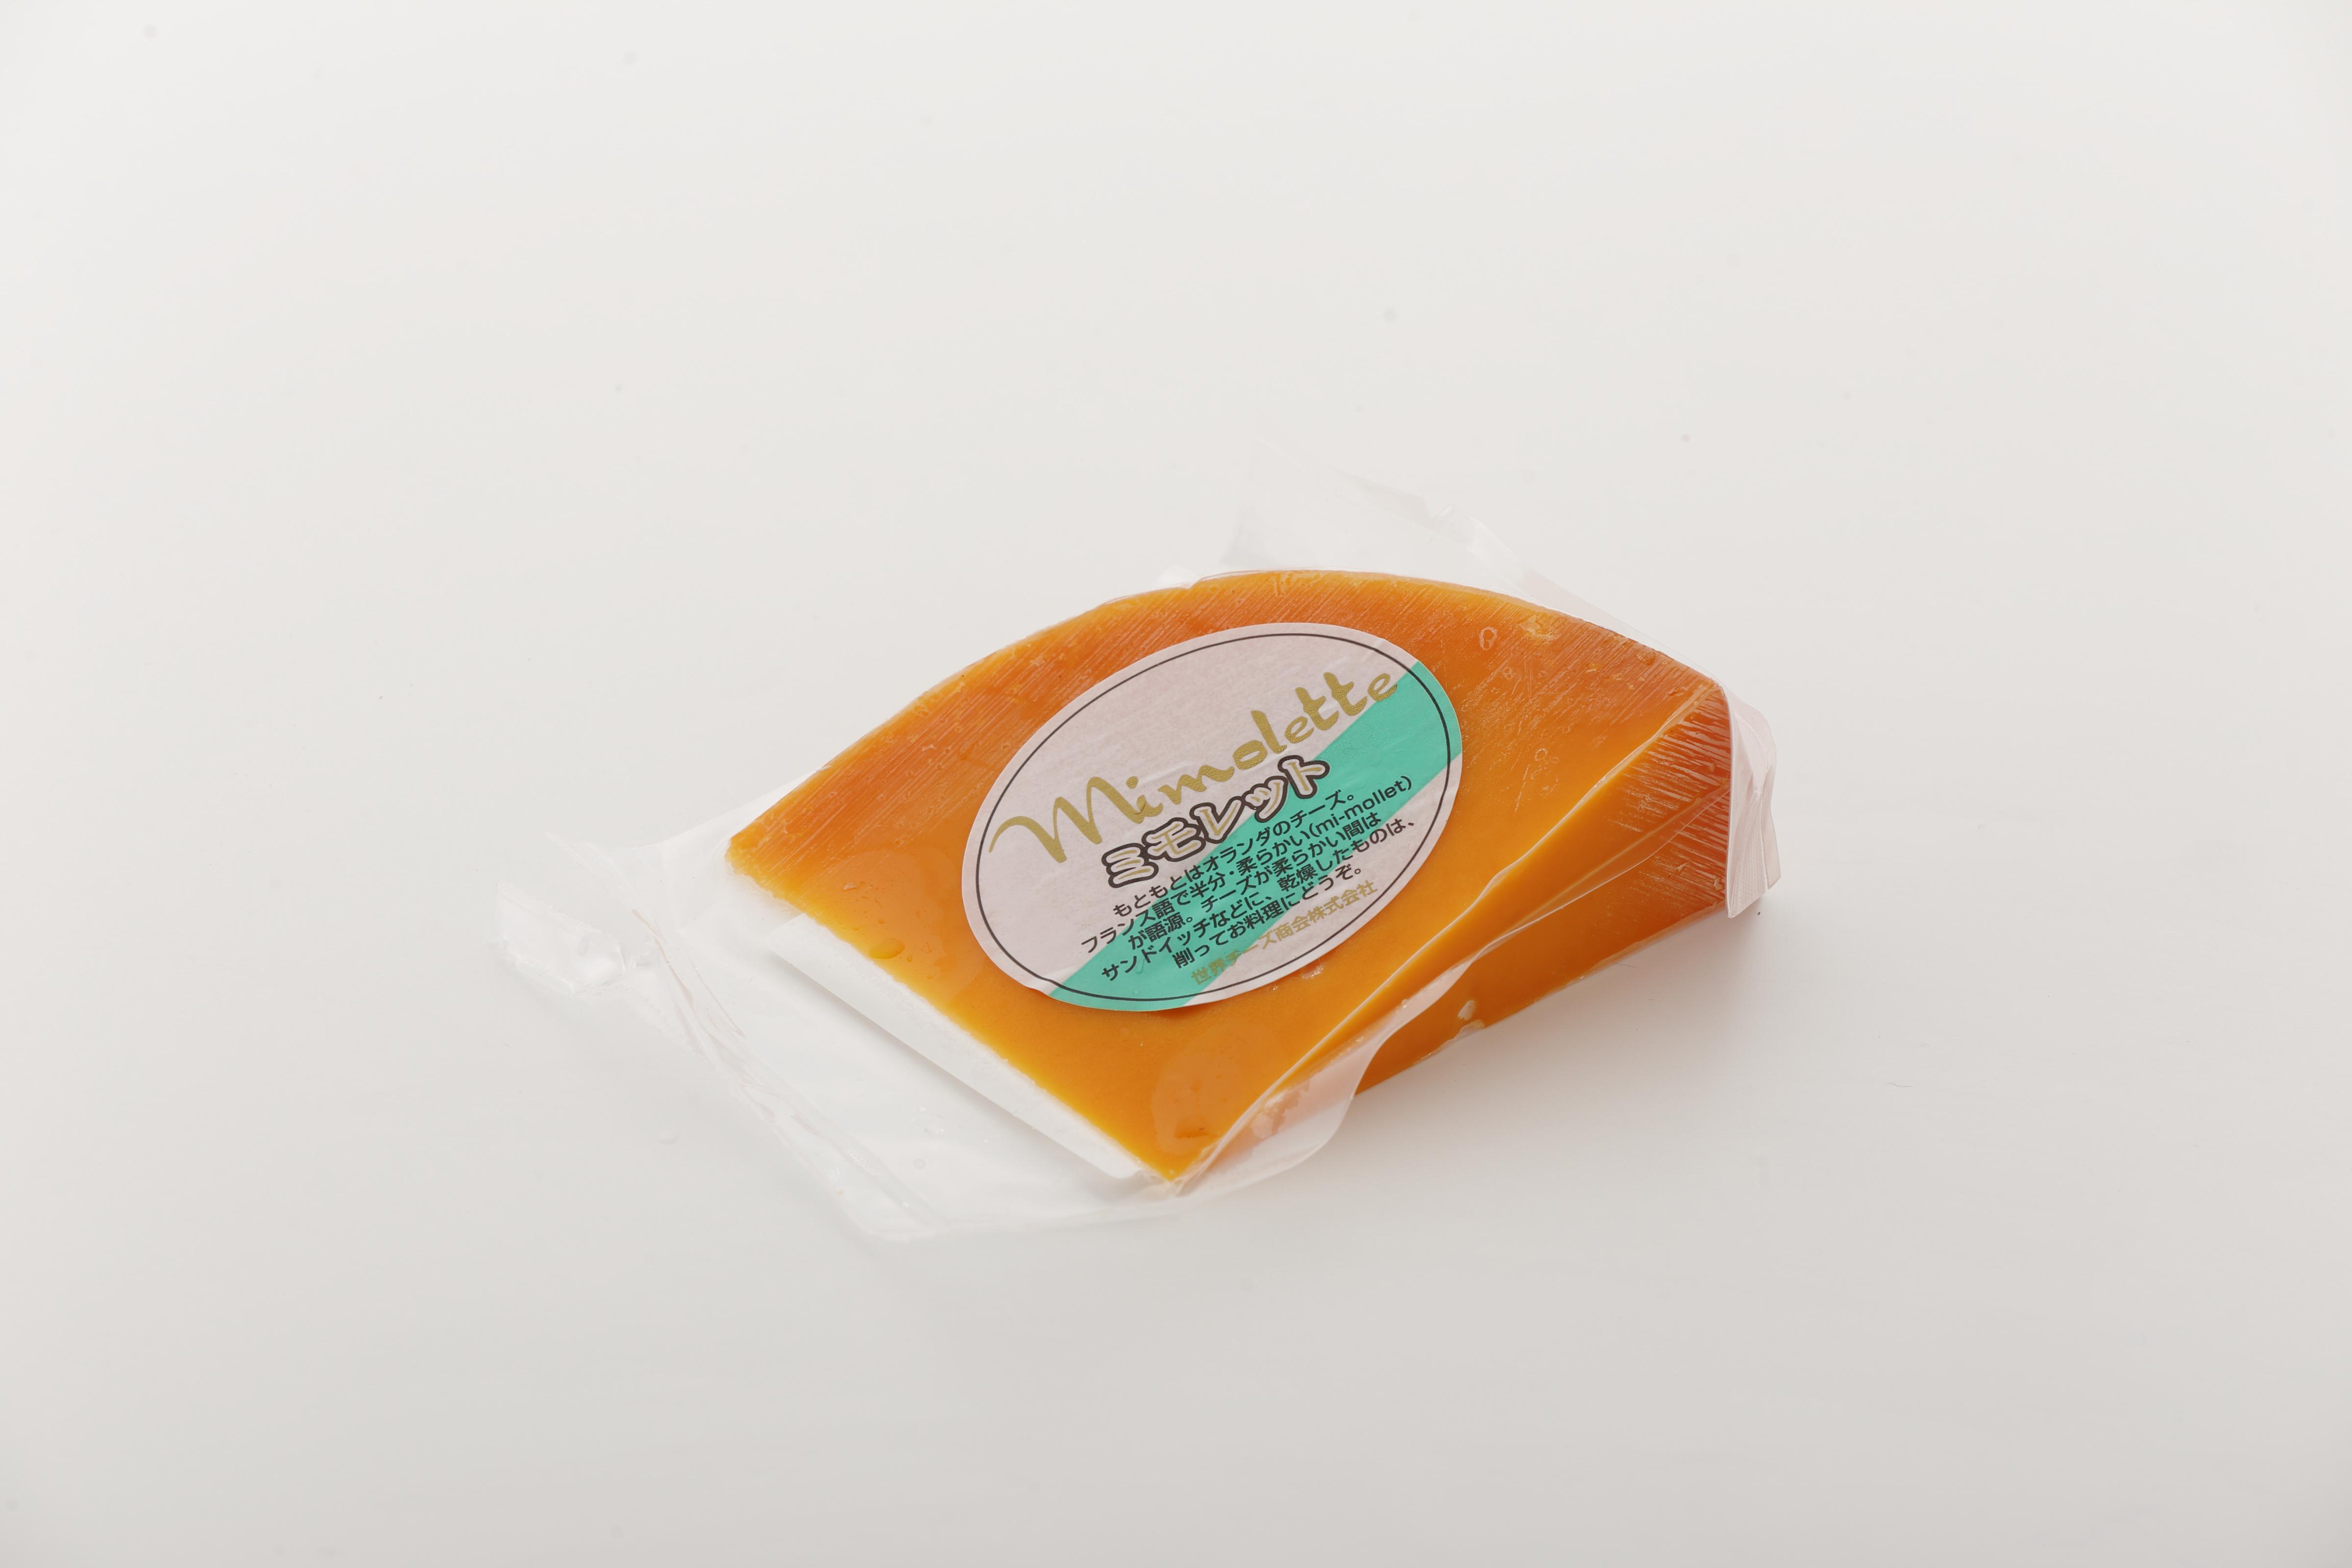 チーズ ミモレット 小泉と森が糞芝居に使った'干からびたチーズ'って覚えてる?~あれ、けっこうイケるよ~